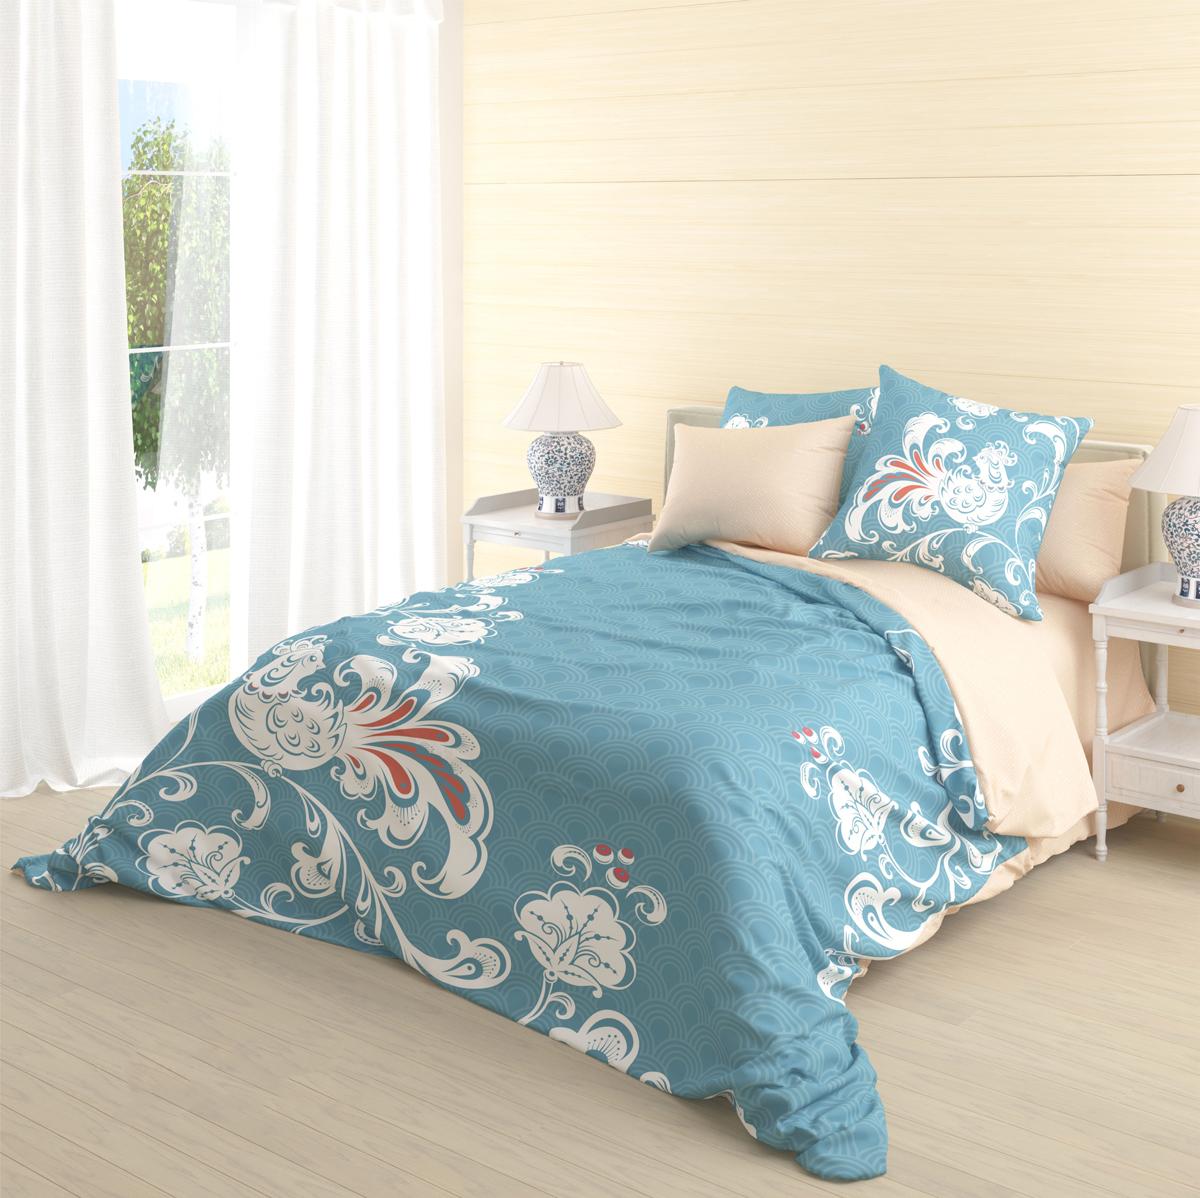 Комплект белья Волшебная ночь Divo, 1,5-спальный, наволочки 70х70 см718557